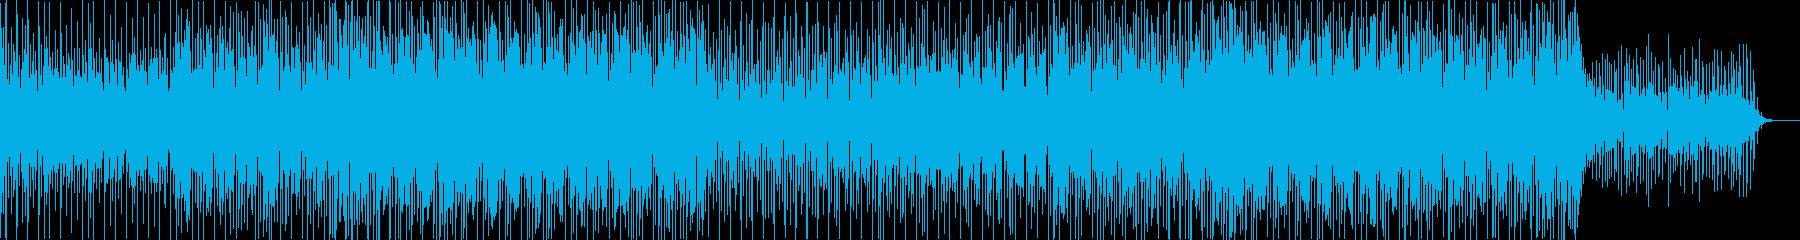 ニュース映像ナレーションバック向け-12の再生済みの波形